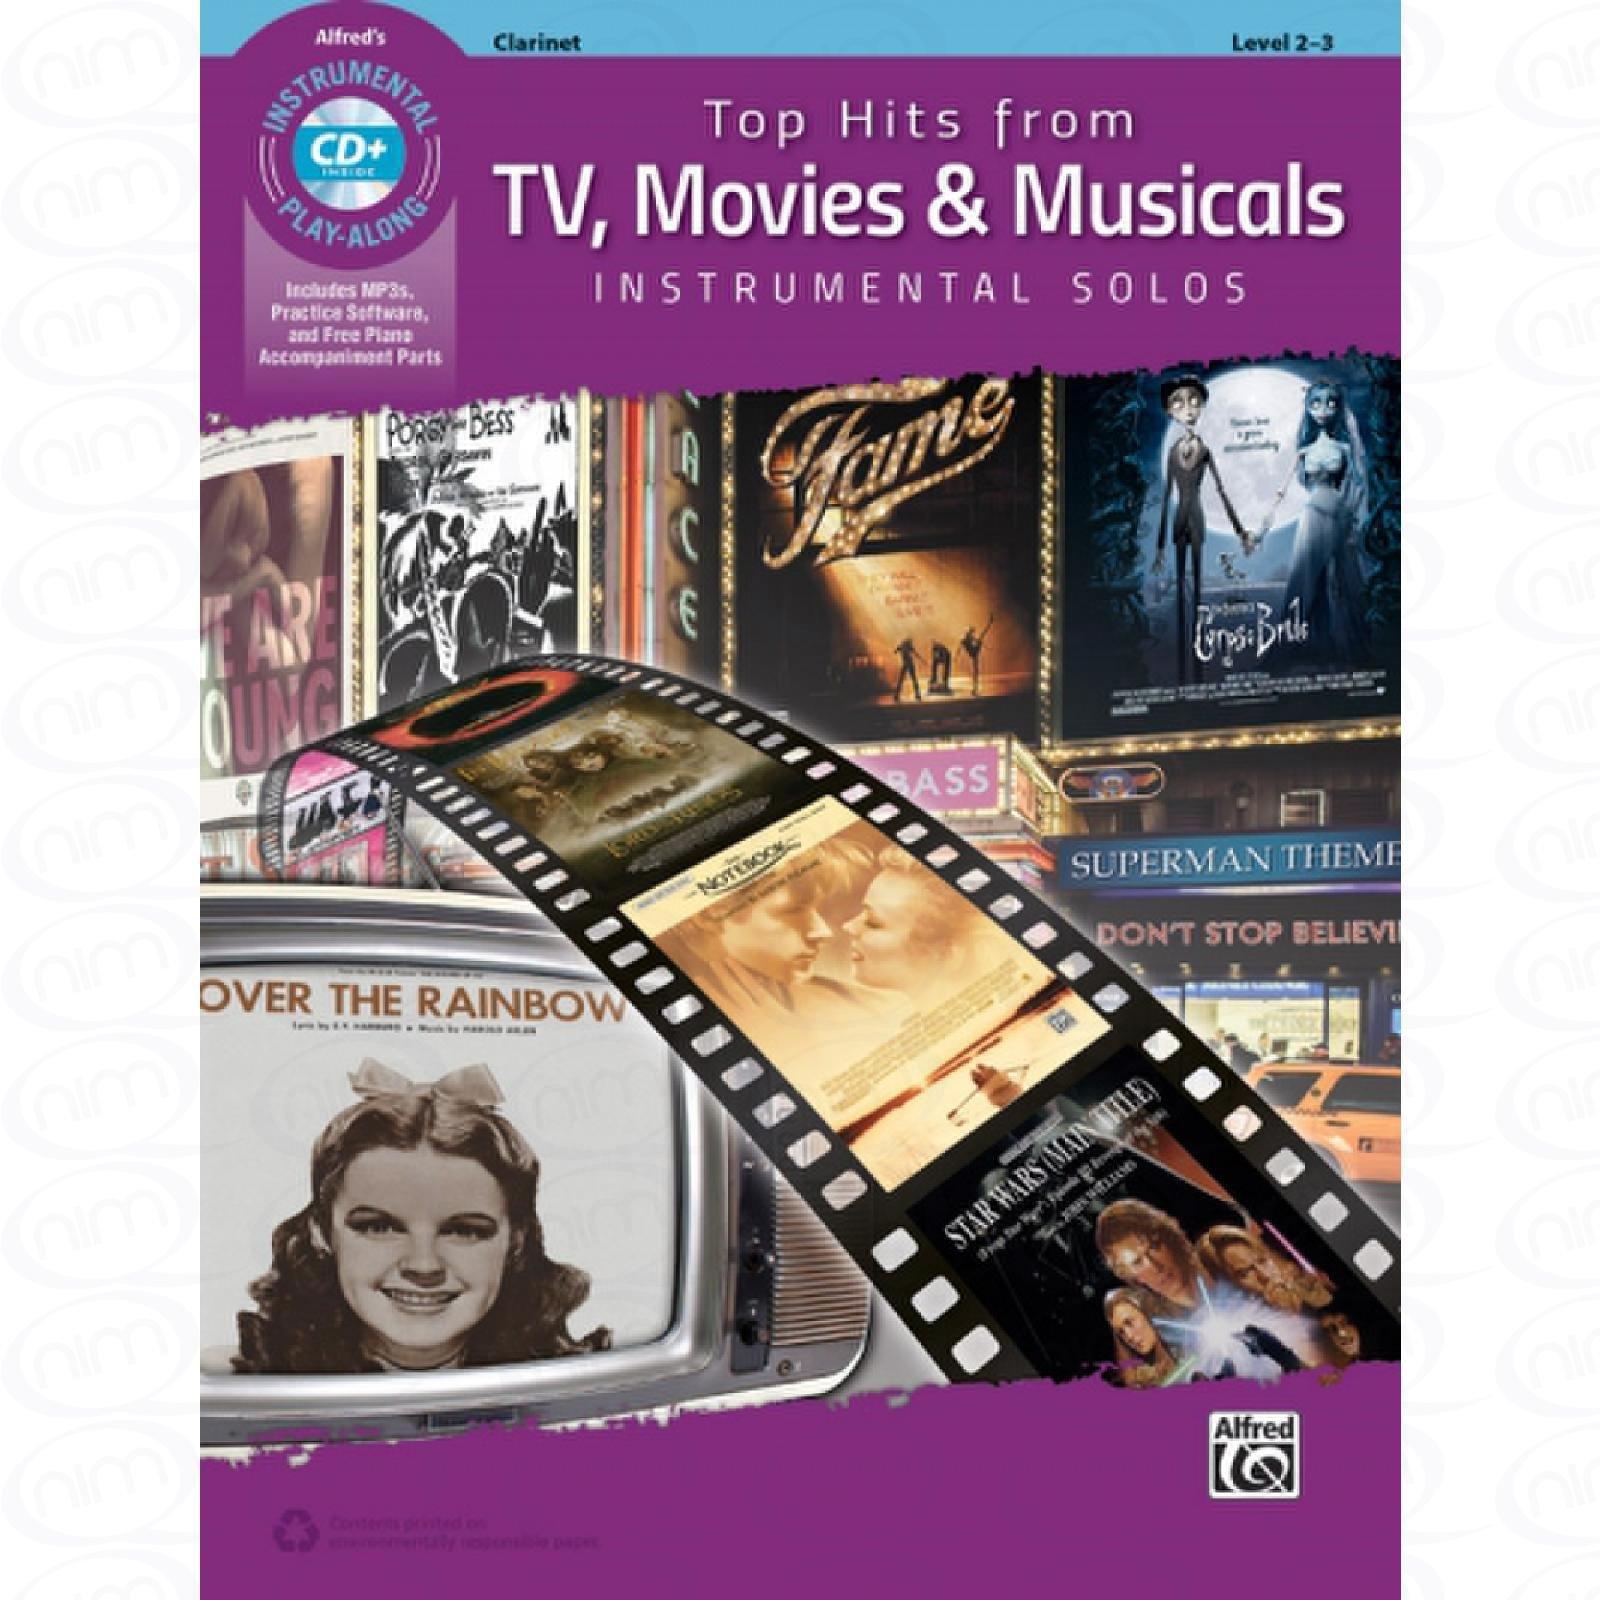 TOP HITS FROM TV MOVIES + MUSICALS   Arrangiert Für Klarinette   Mit CD  Noten Sheetmusic  Aus Der Reihe  INSTRUMENTAL SOLOS